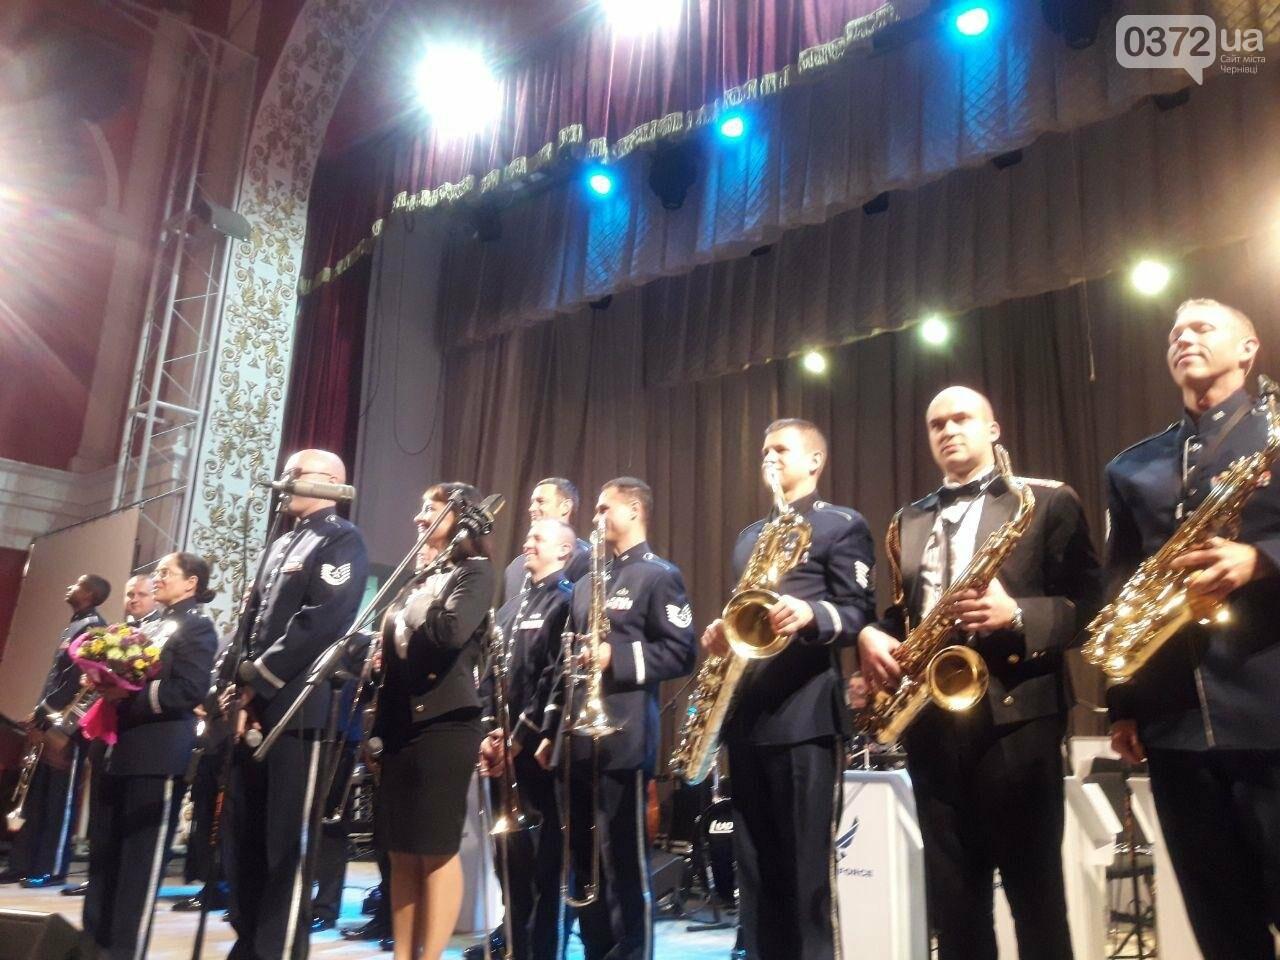 Американський оркестр виступив у філармонії в Чернівцях - ФОТО, фото-3